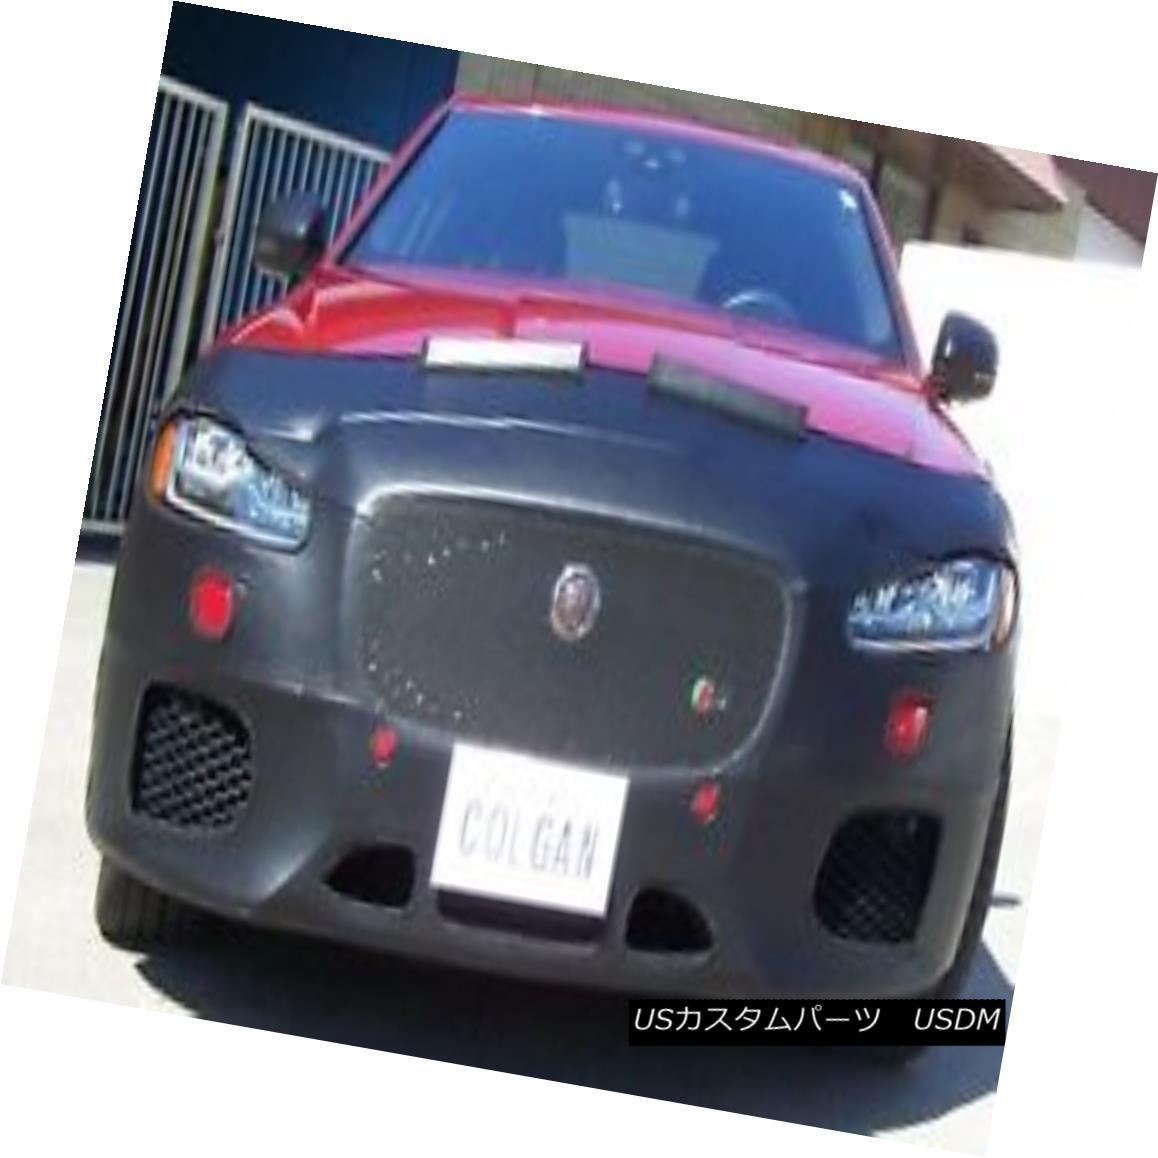 フルブラ ノーズブラ Colgan Front End Mask Bra 2pc. Fits Jaguar XF-S Sed.& XF SportBk 16-18 W/O TAG  コルガンフロントエンドマスクブラ2pc Jaguar XF-S Sed。& XF SportBk 16-18 W / O TAG